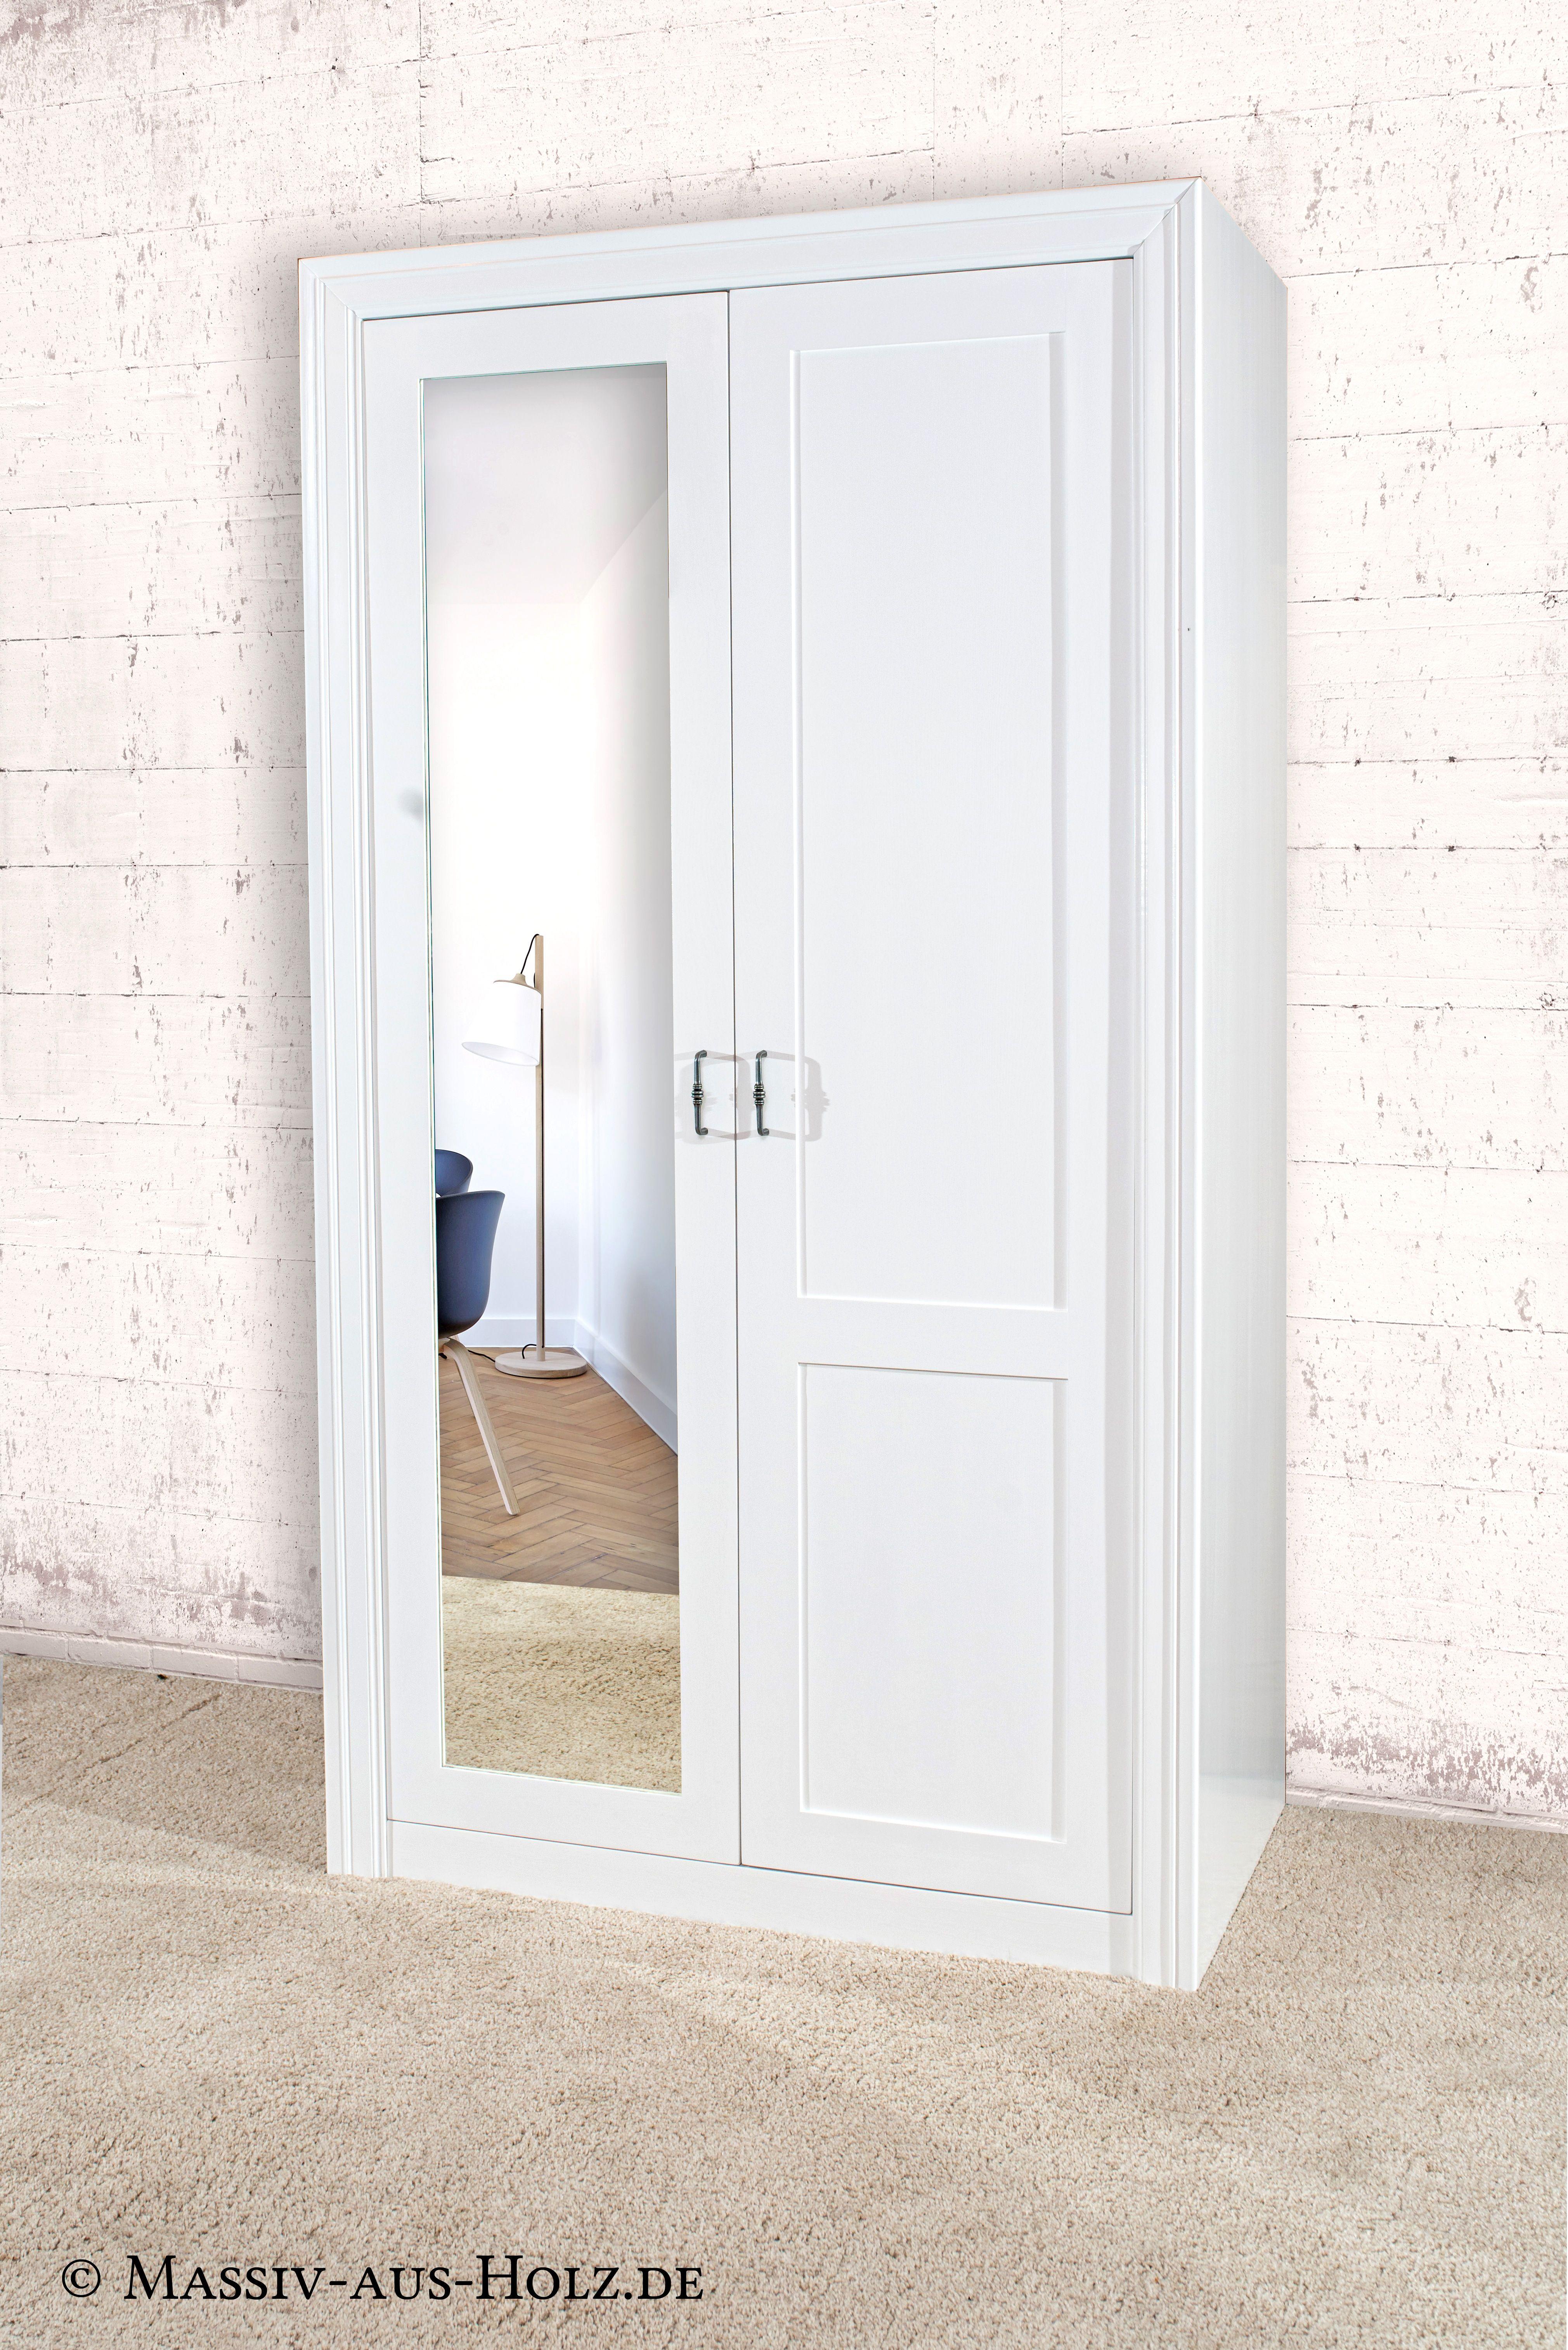 Kleiderschrank modern 2türig Schubladen mit Spiegel